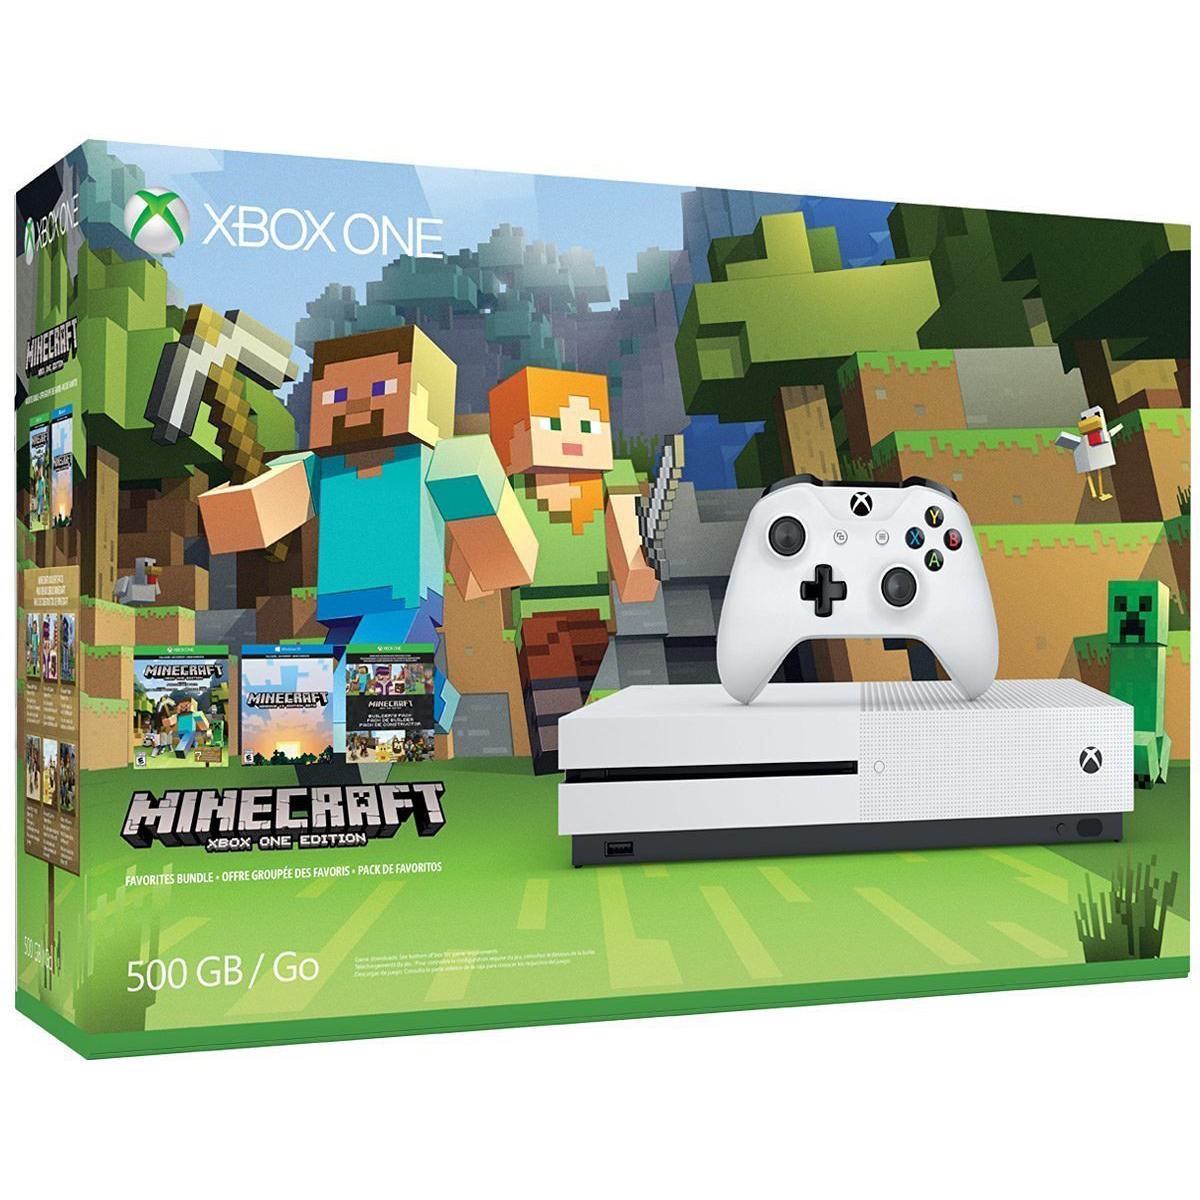 Console Xbox One Microsoft Xbox One S (500 Go) + Minecraft Console de jeux-vidéo 4K nouvelle génération avec disque dur 500 Go + Minecraft